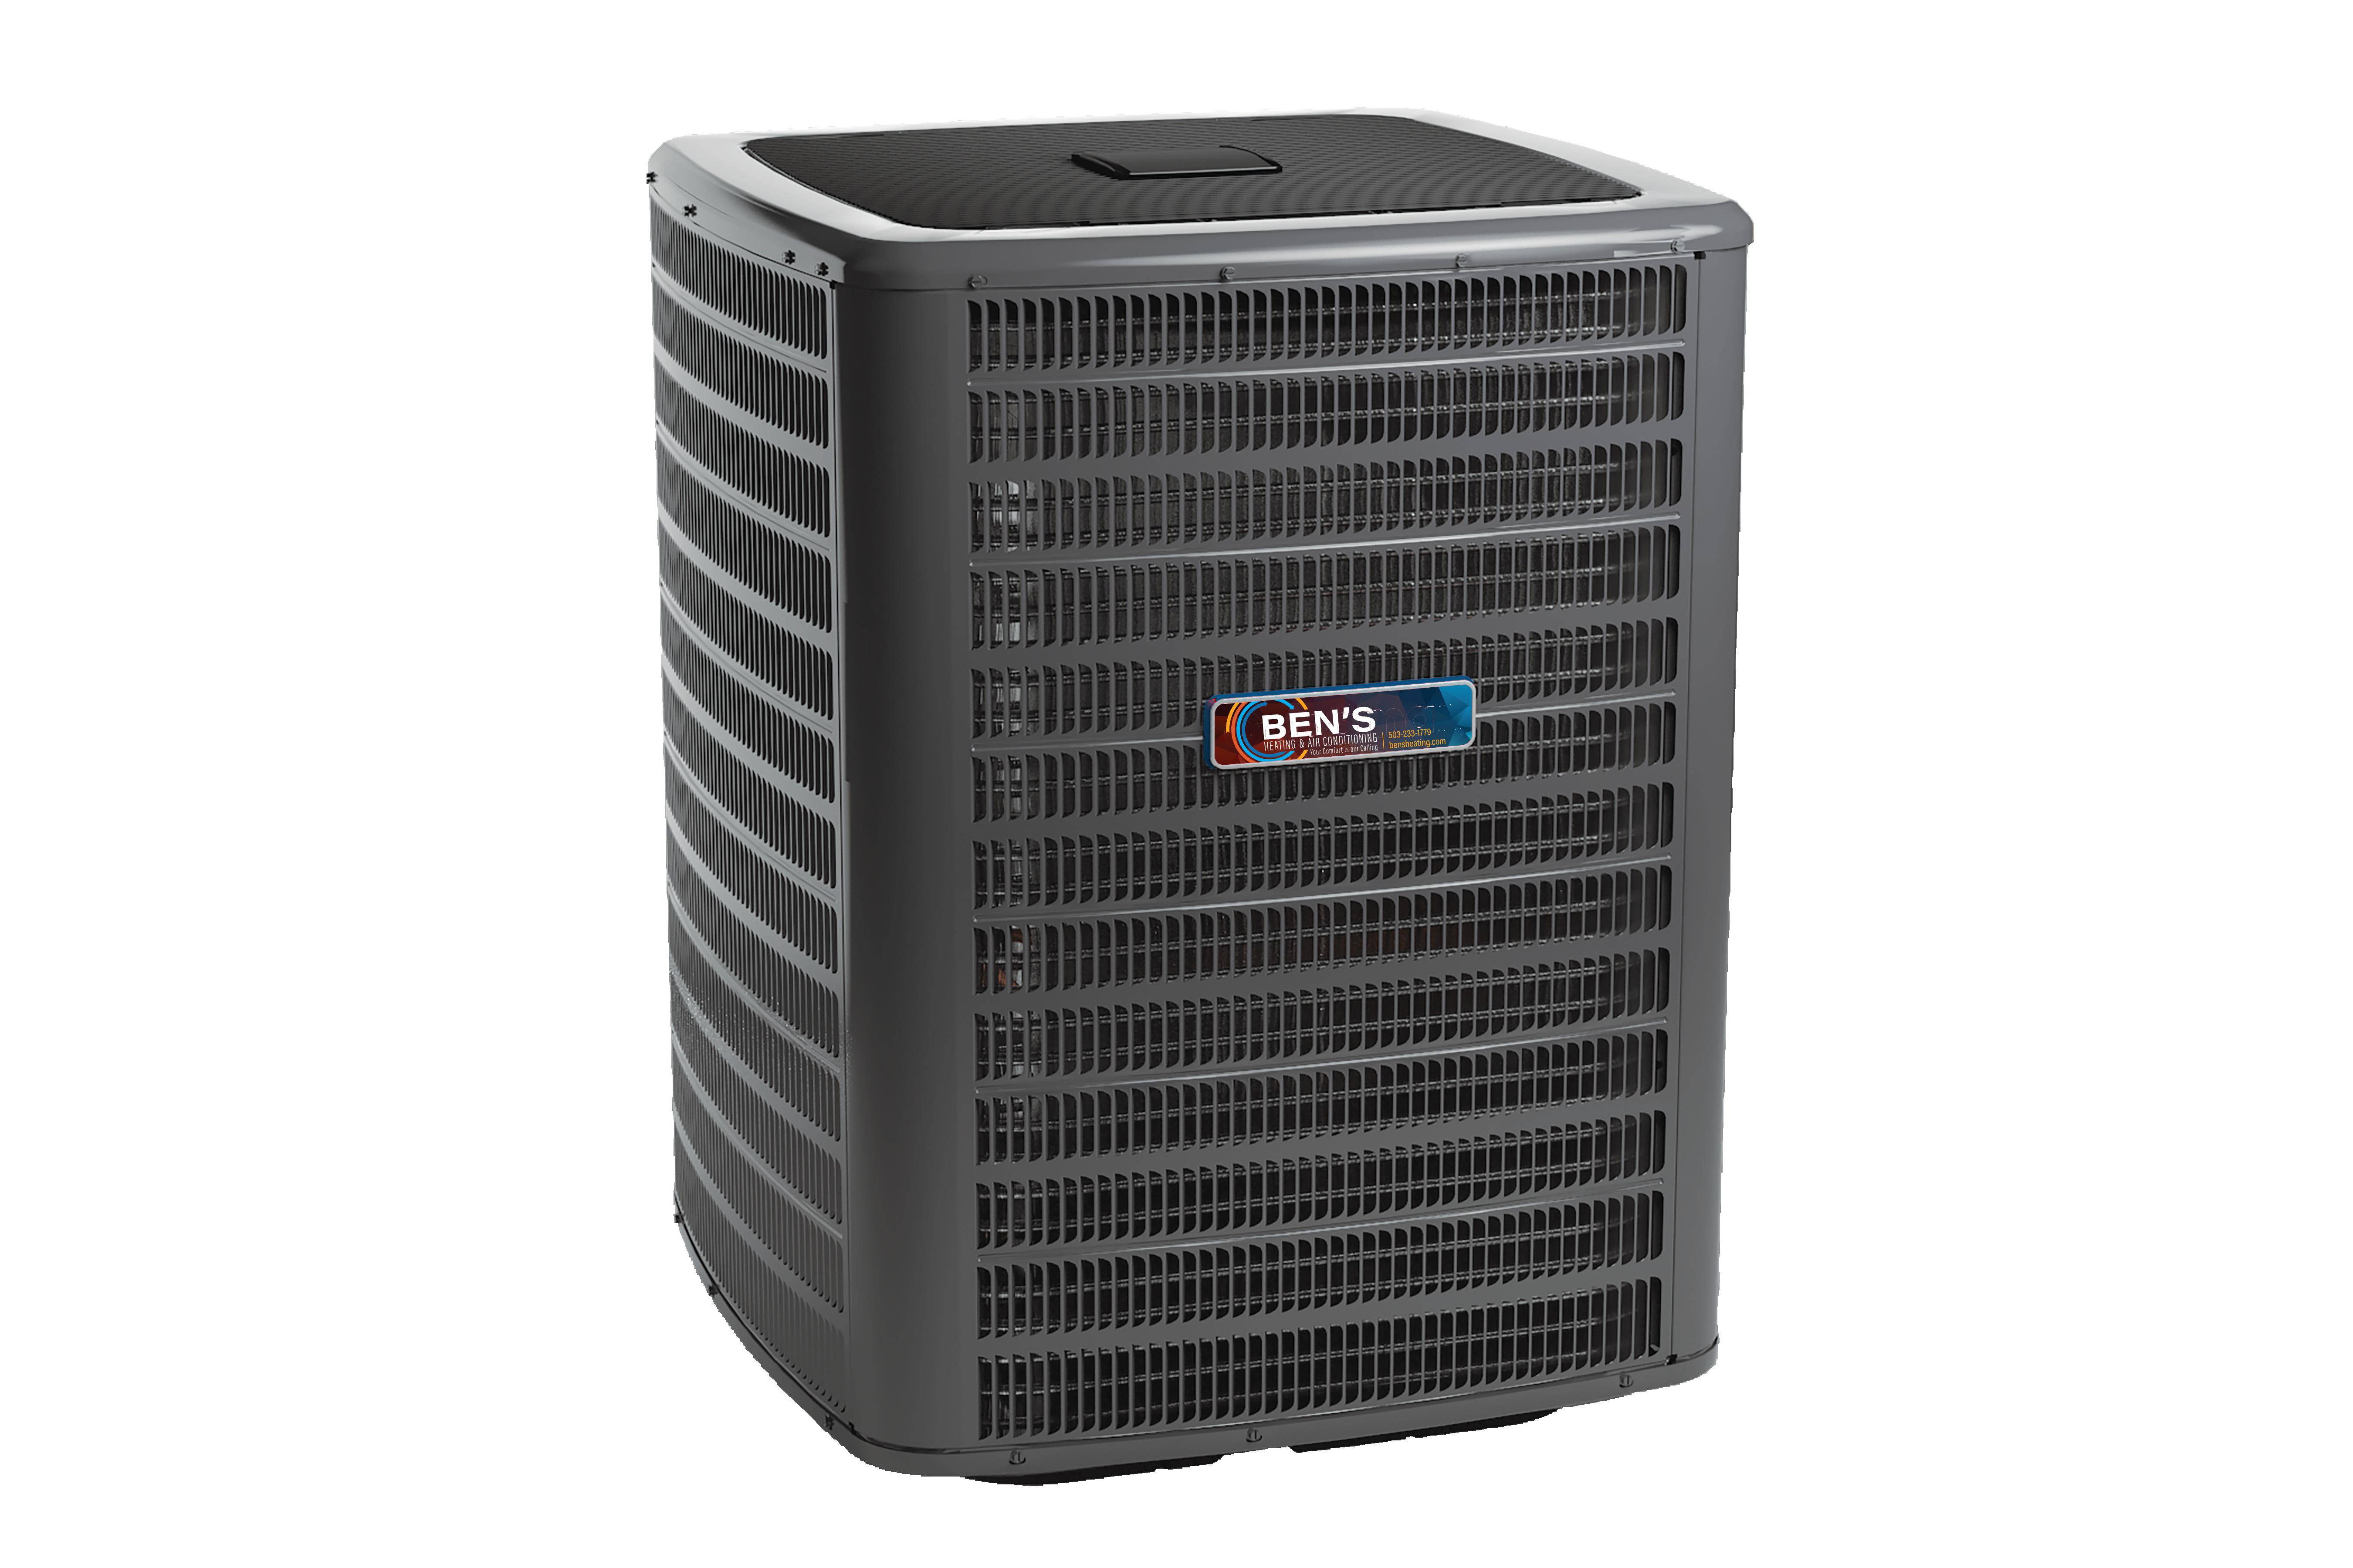 Bens Private Label GSXC18 air conditioner.